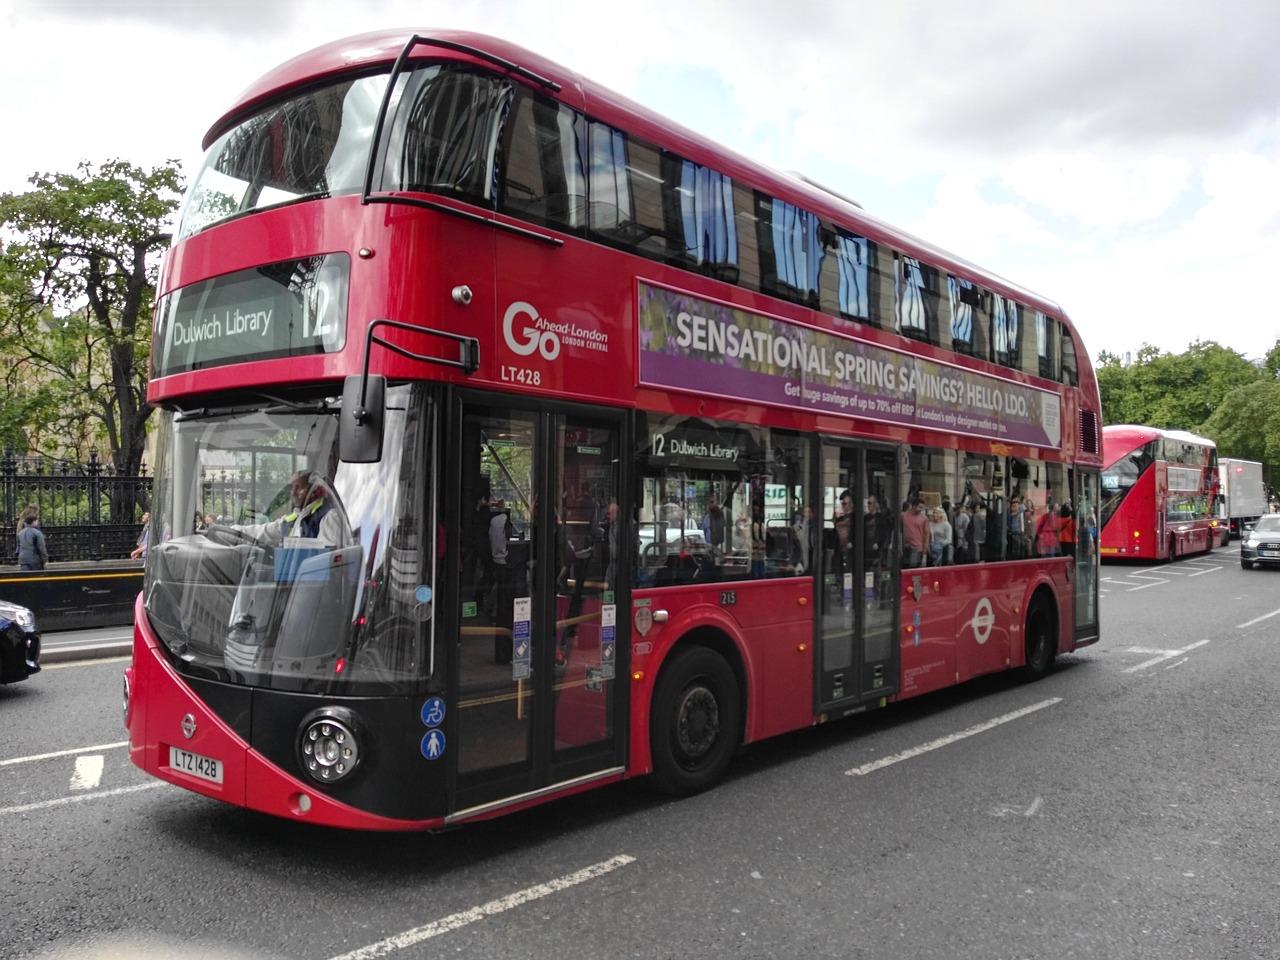 Aunque cueste creerlo, algunos buses urbanos en Londres serán 'movidos' por... café